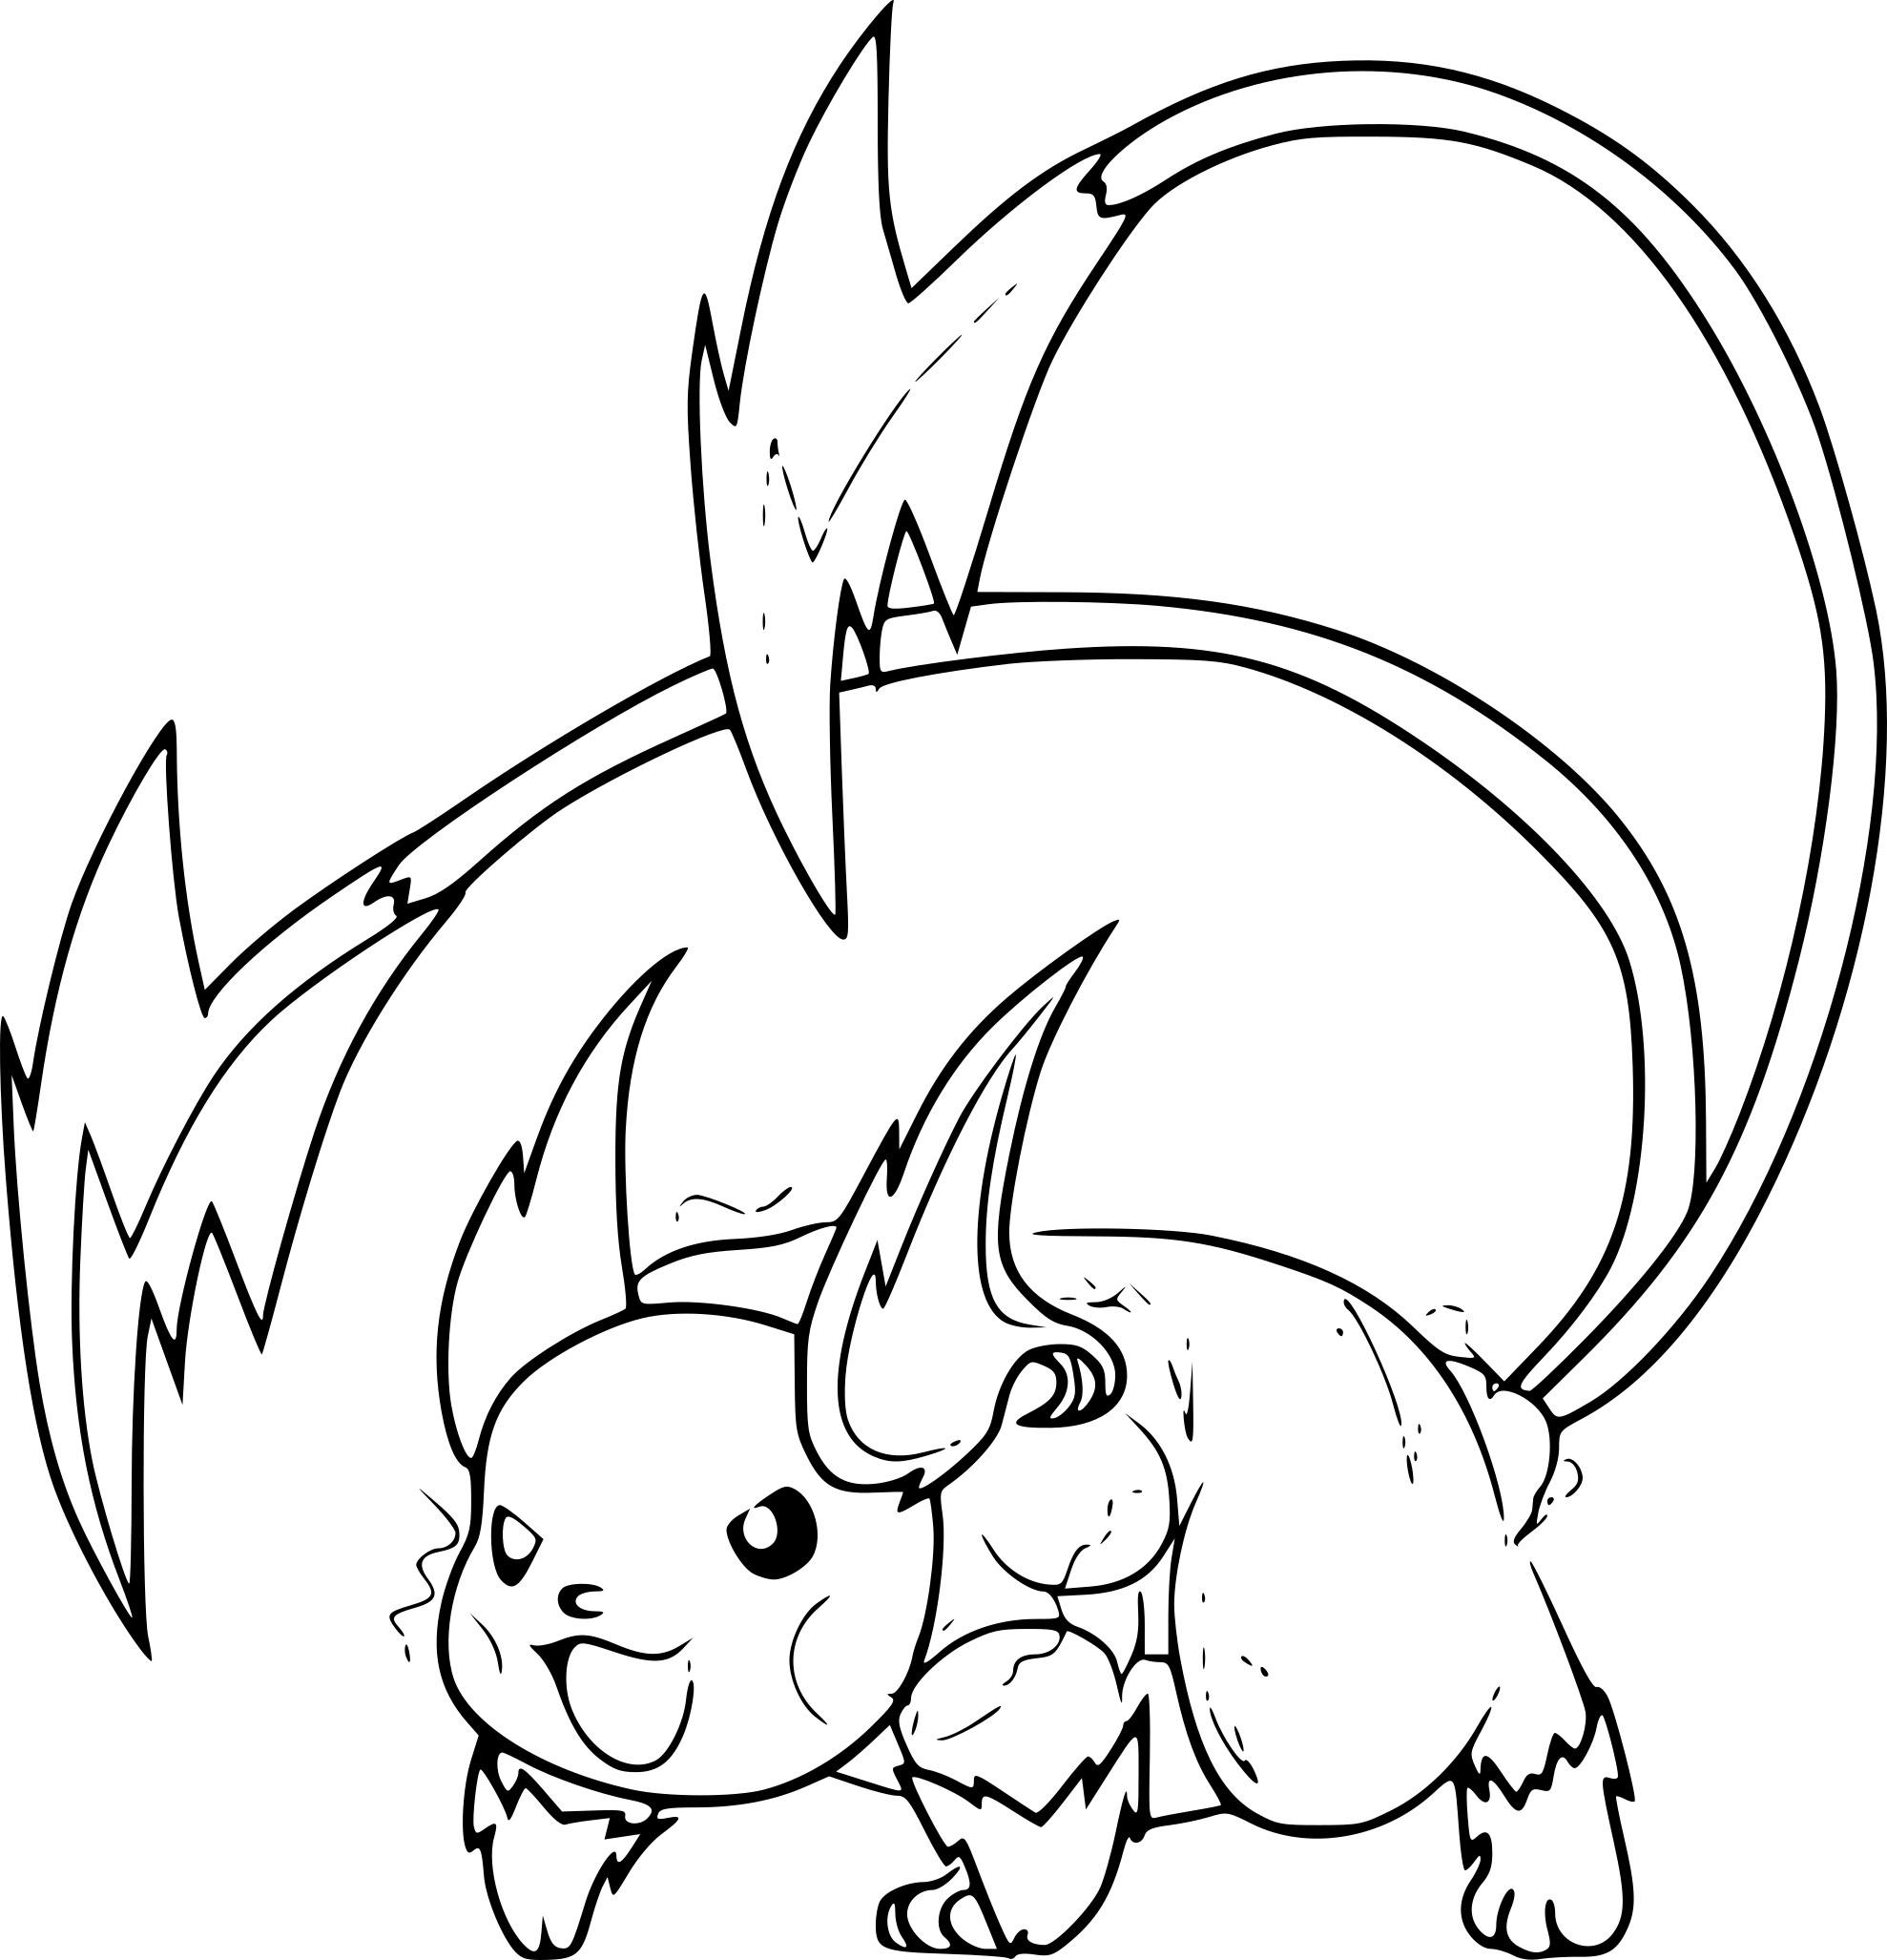 Coloriages À Imprimer : Pokemon, Numéro : B5Ed80E5 serapportantà Imprimer Coloriage Pokemon